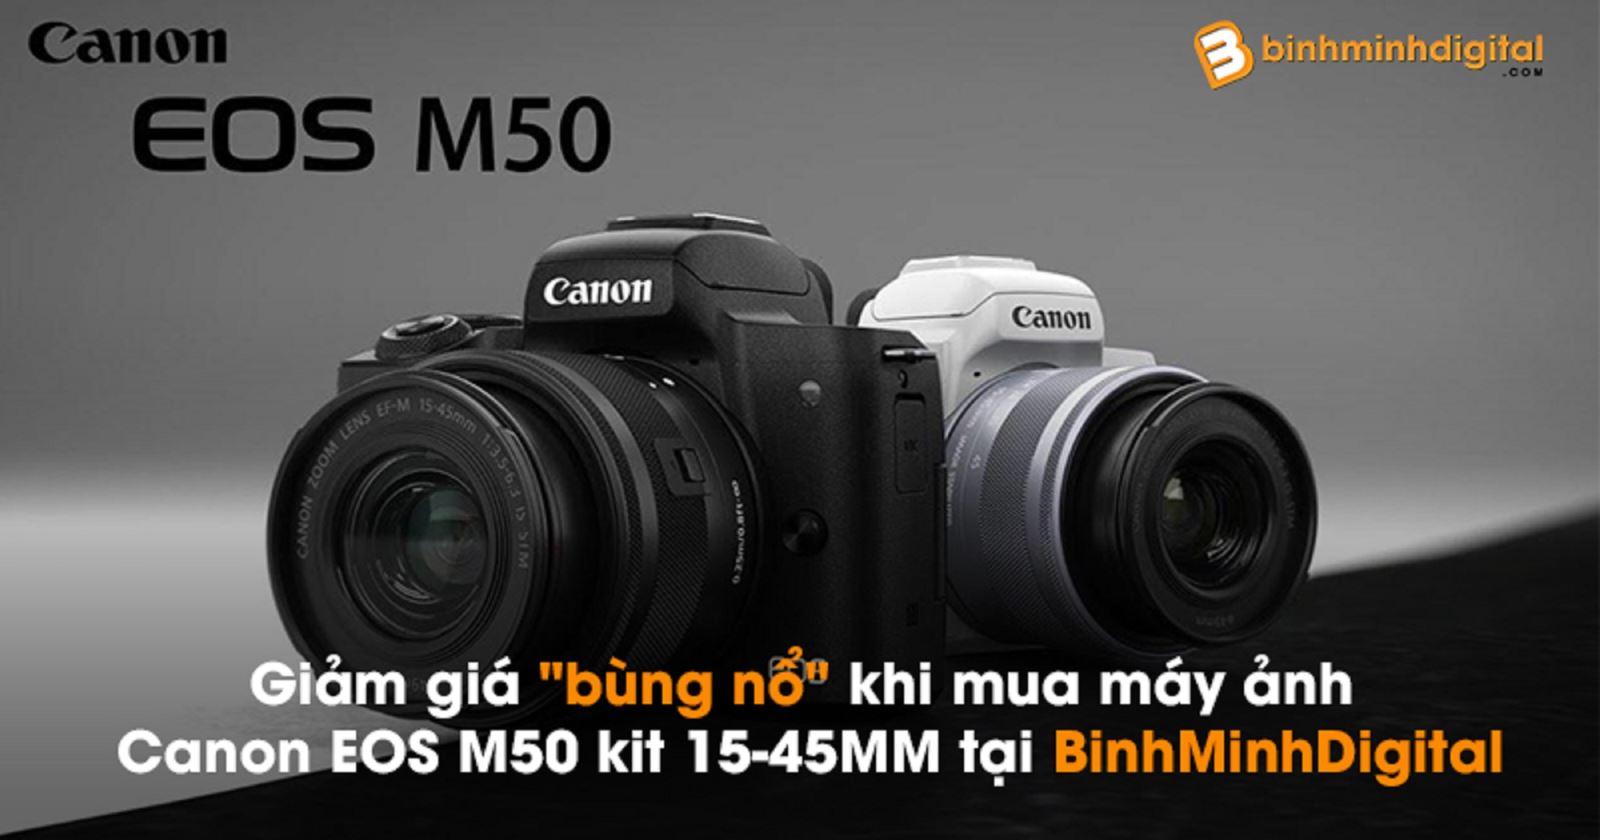 Giảm giá 'bùng nổ' khi mua máy ảnhCanon EOS M50 kit 15-45MMtại BinhMinhDigital